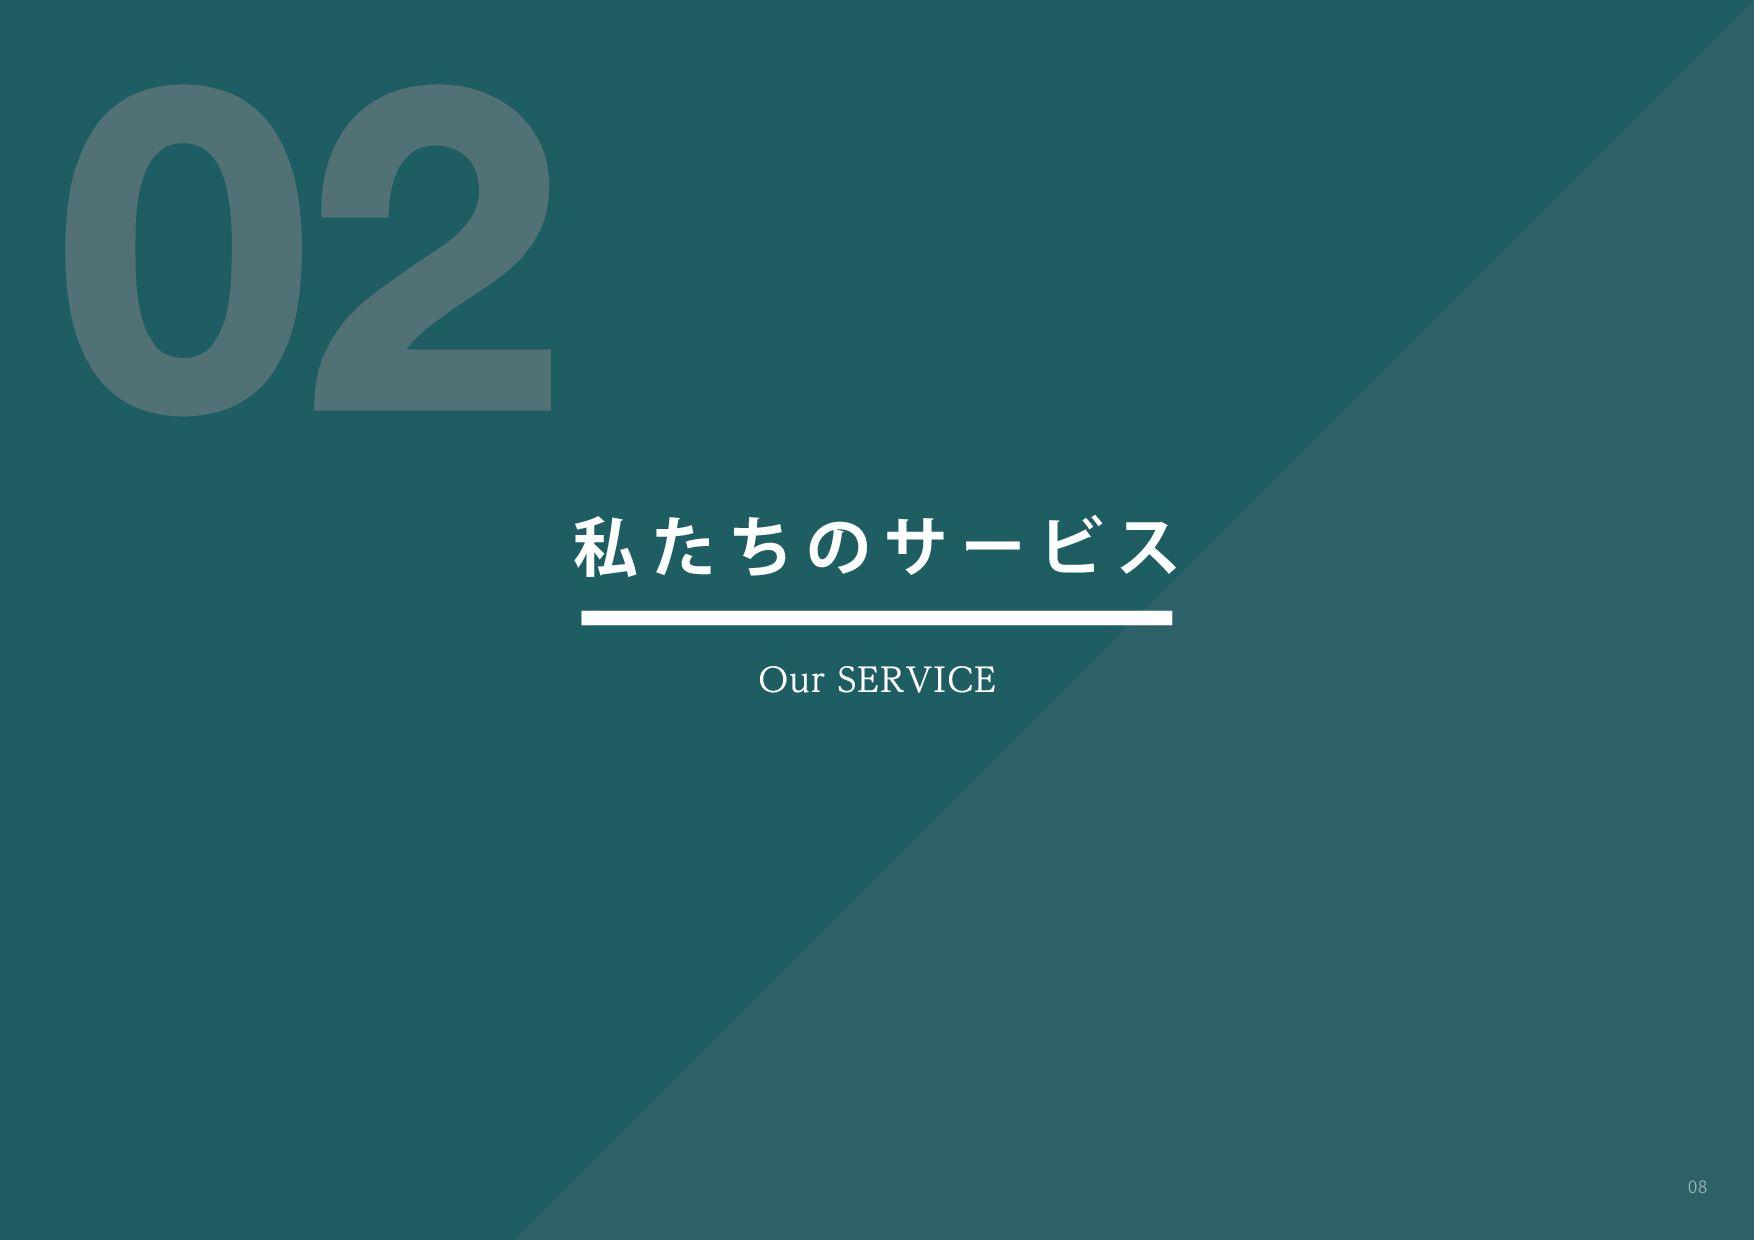 02 ࢲ ͨ ͪ ͷ α ʔ Ϗ ε 0VS4&37*$&